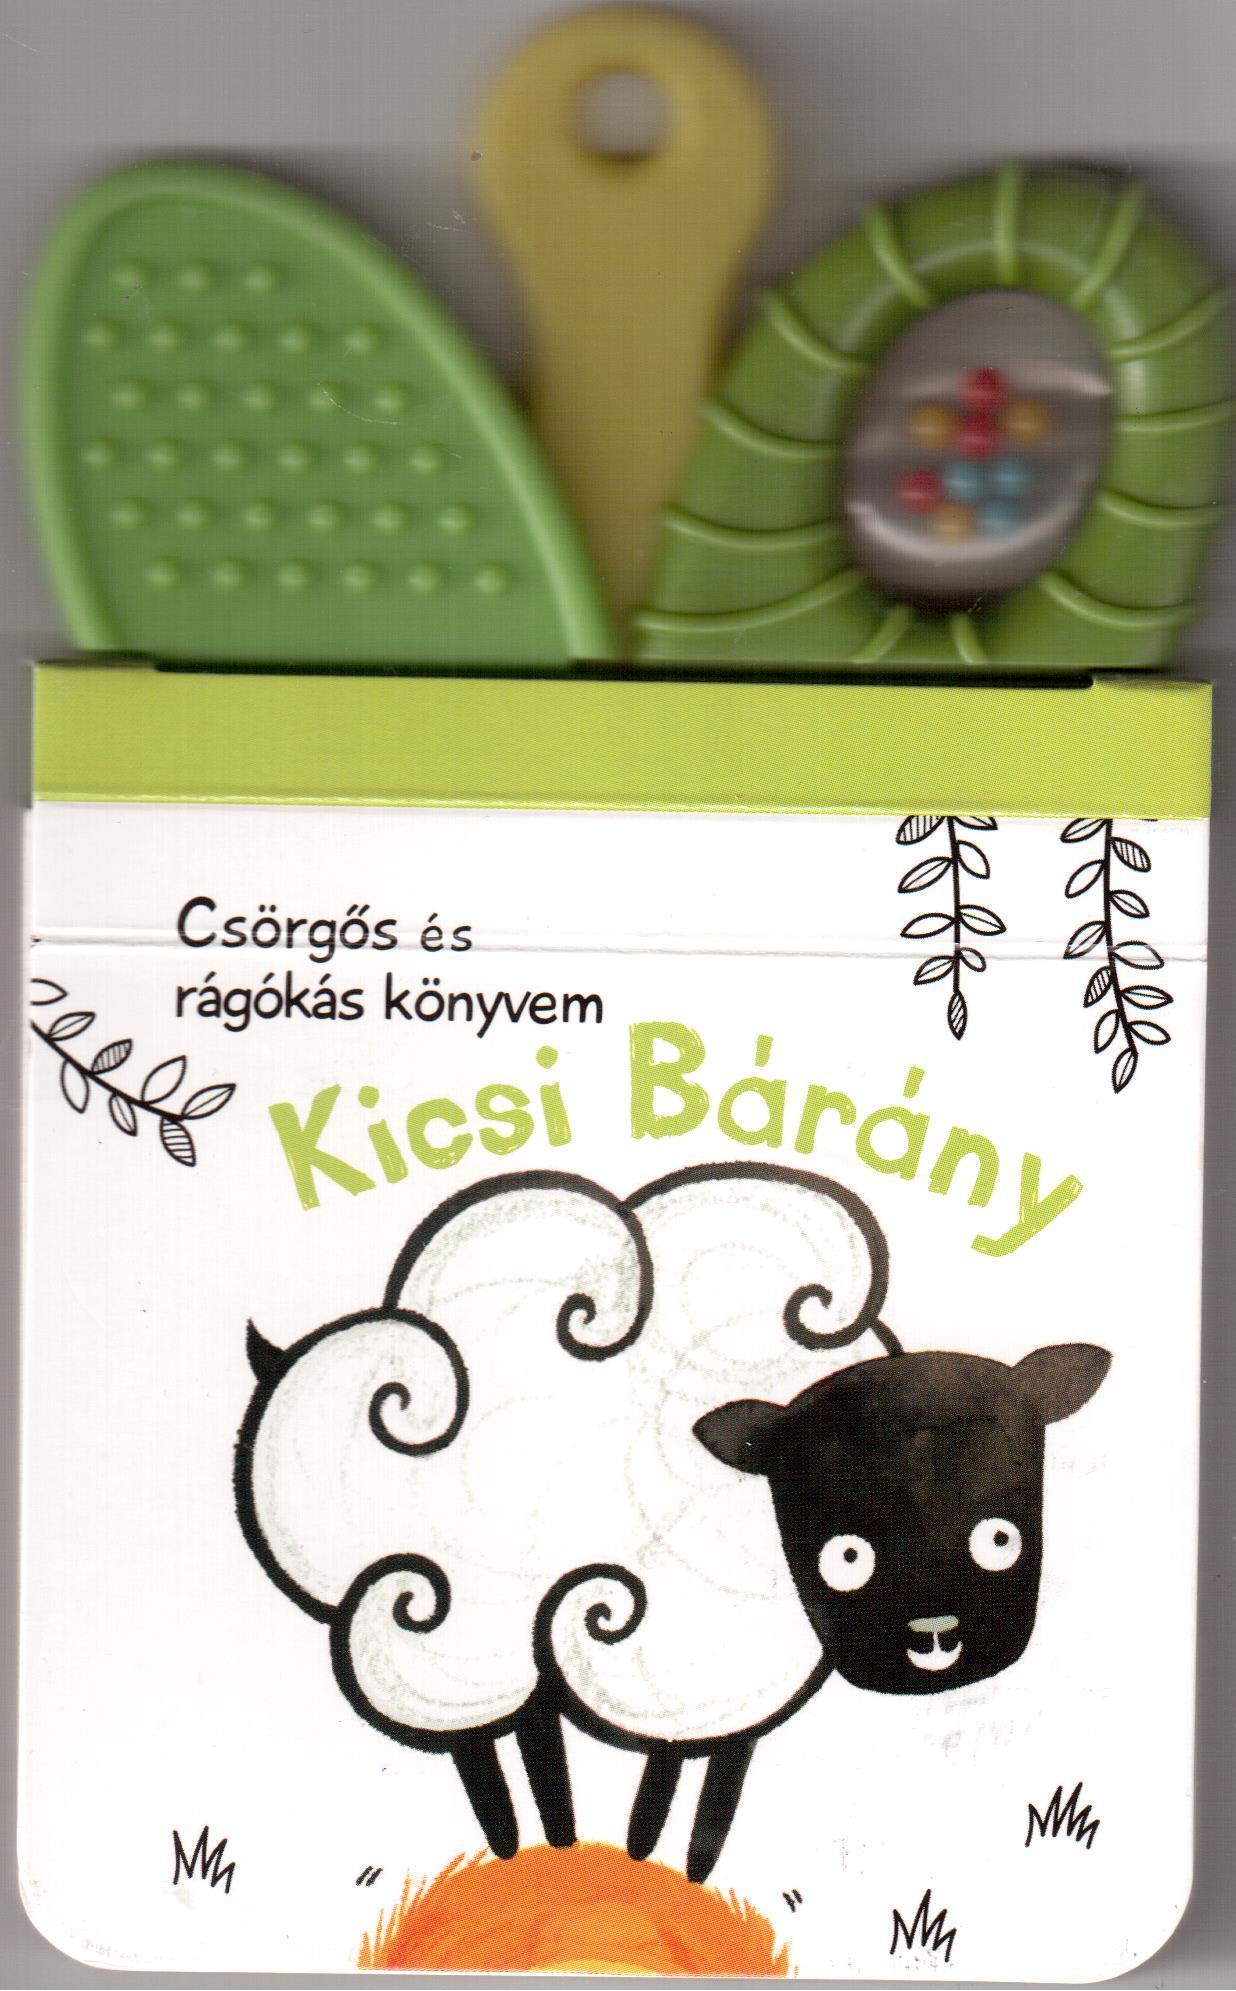 KICSI BÁRÁNY - CSÖRGŐS ÉS RÁGÓKÁS KÖNYVEM